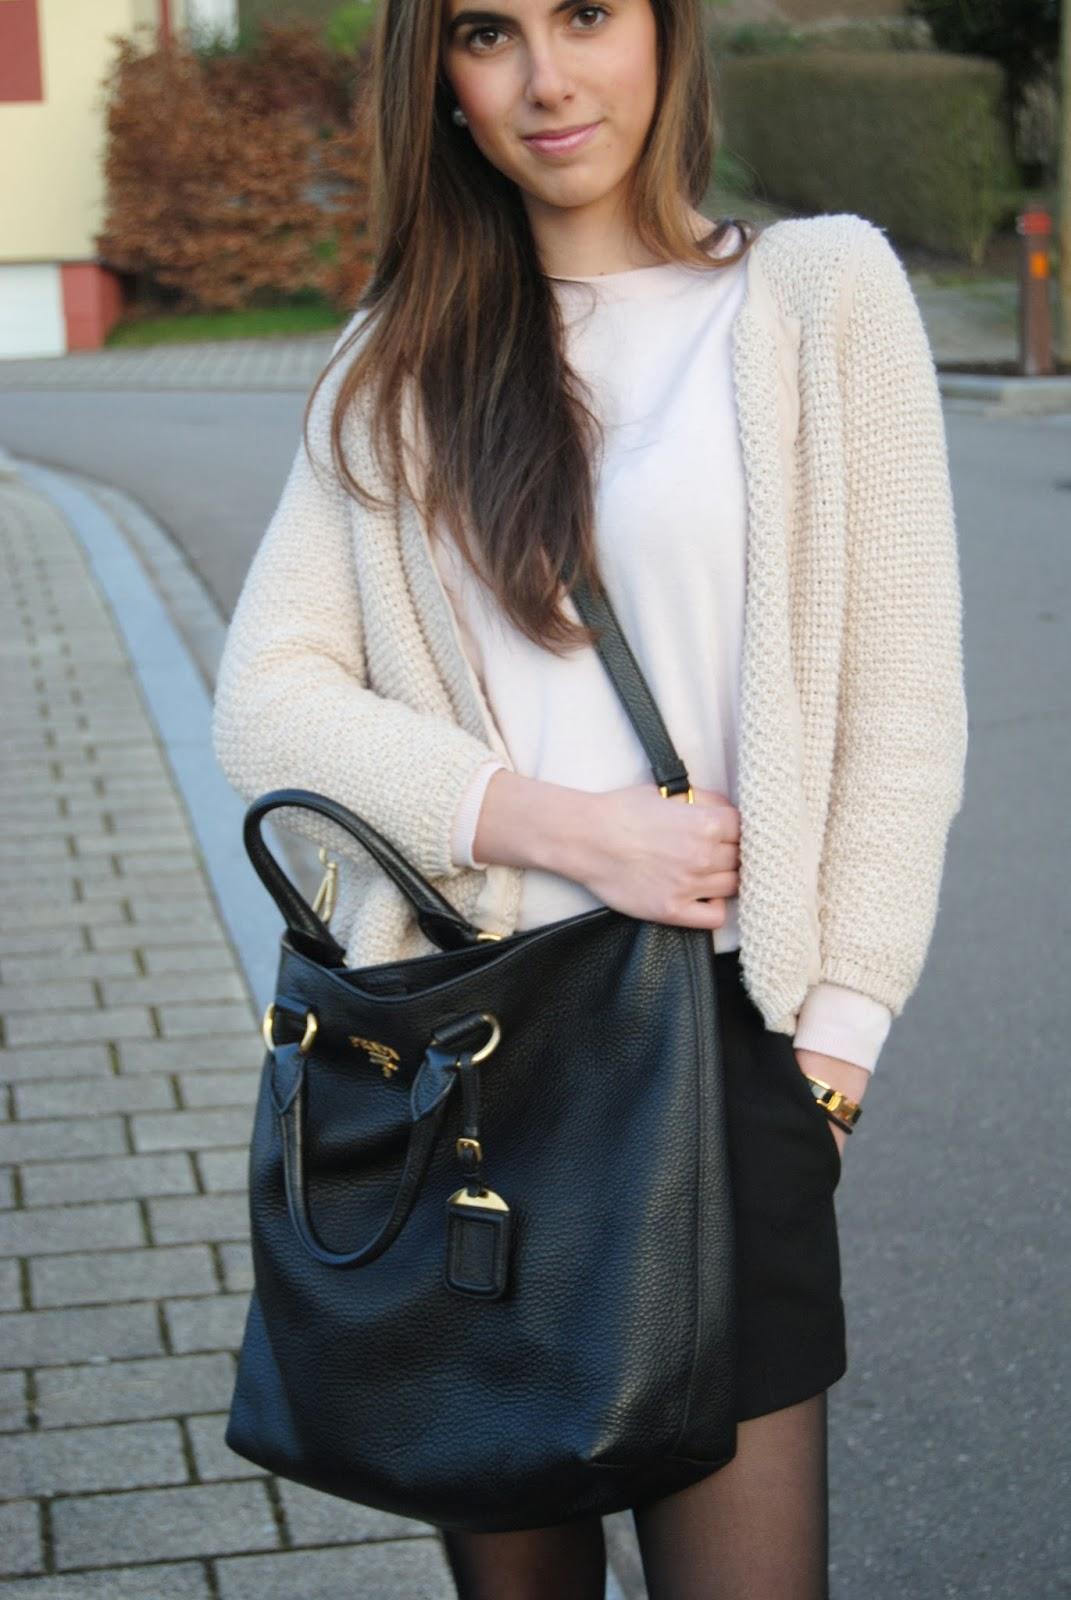 e299e80c43a9 Arifashionthread - Luxembourg Fashion and Lifestyle Blog  February 2014